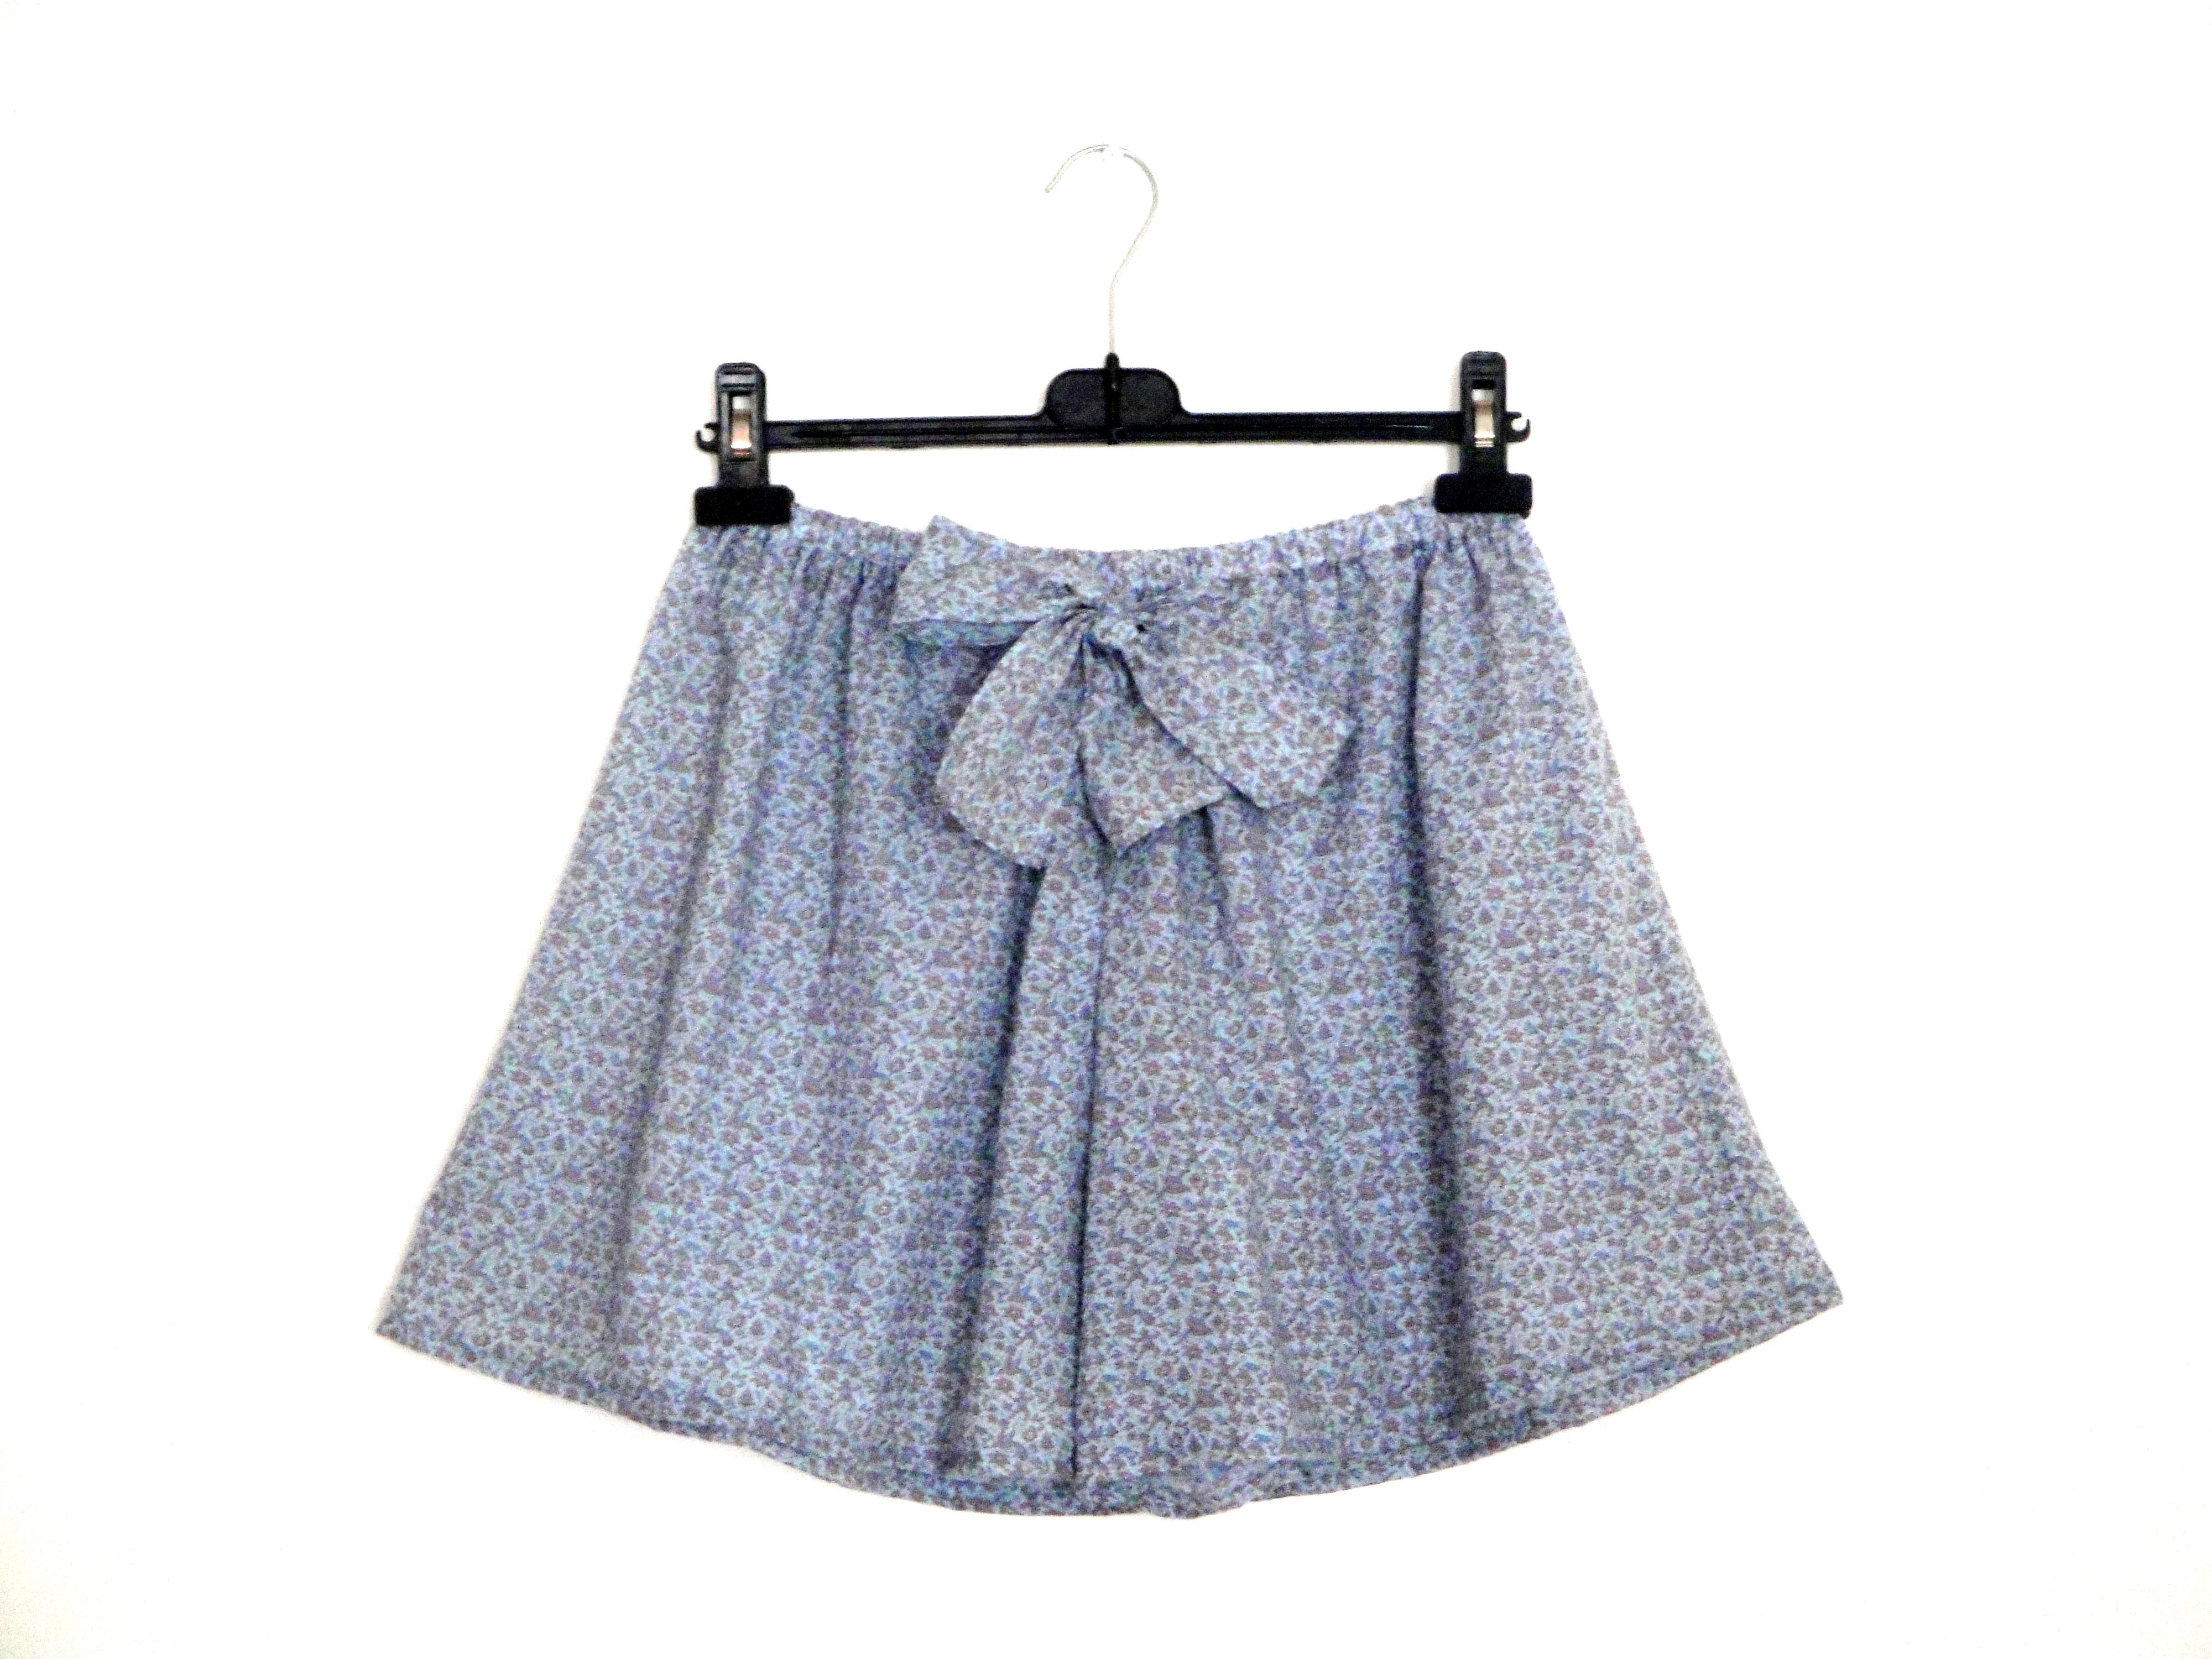 Une jupe culotte pour la maison couture de l extr me 4 20 - Couture pour la maison ...